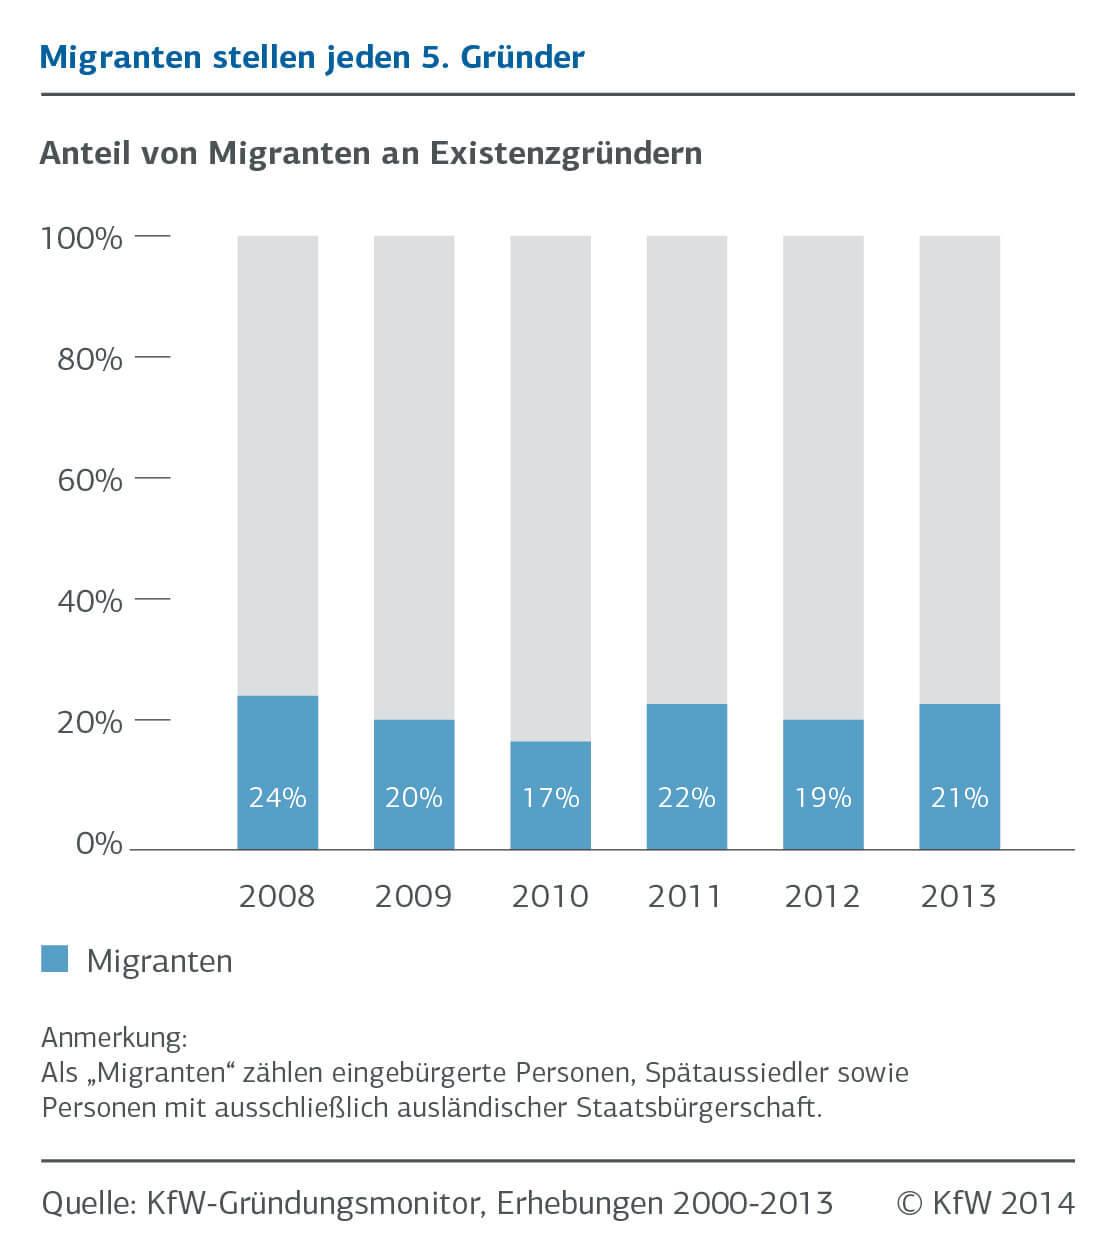 infografik-Anteil-von-Migranten-an-Existenzgruendern